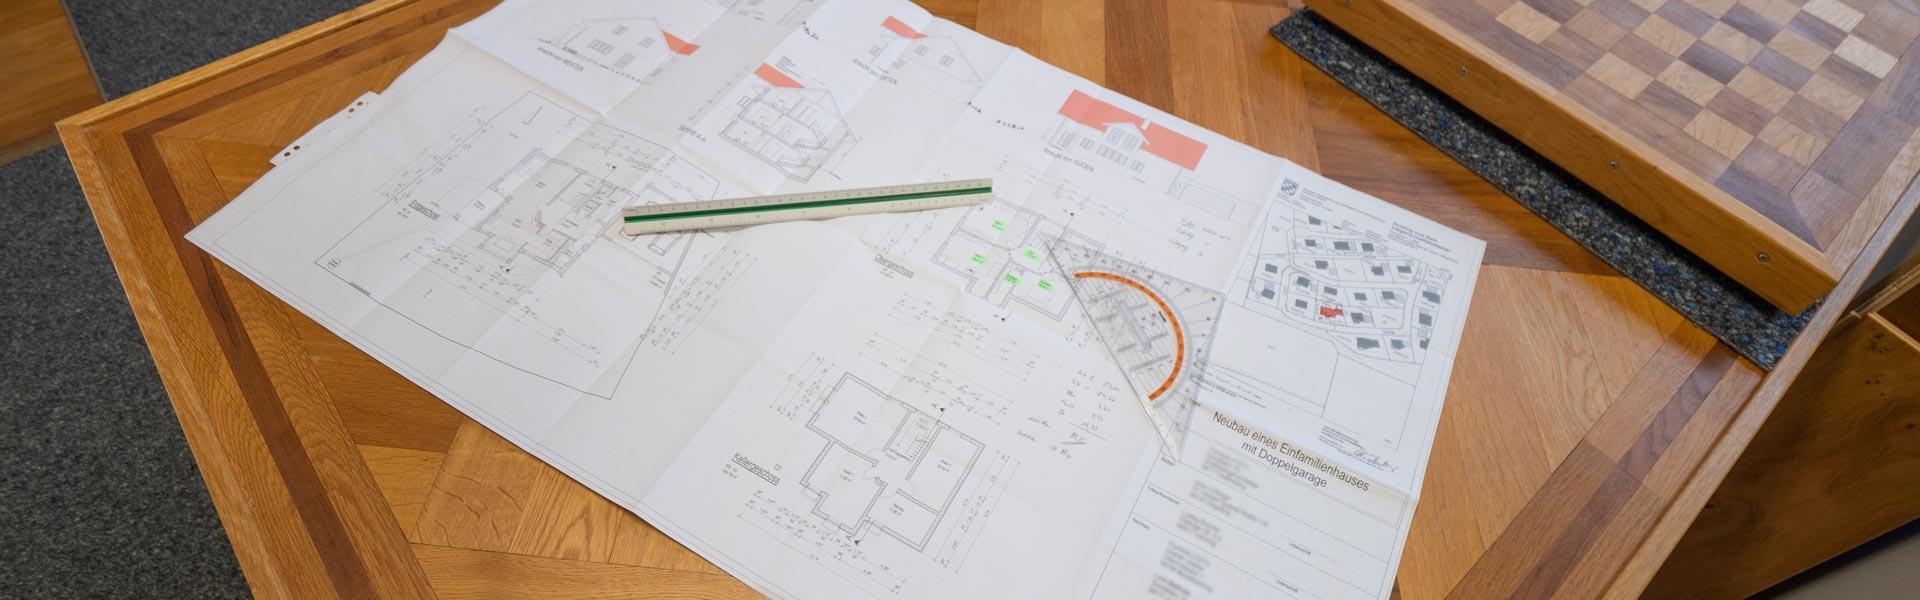 Architekten-Zeichnung